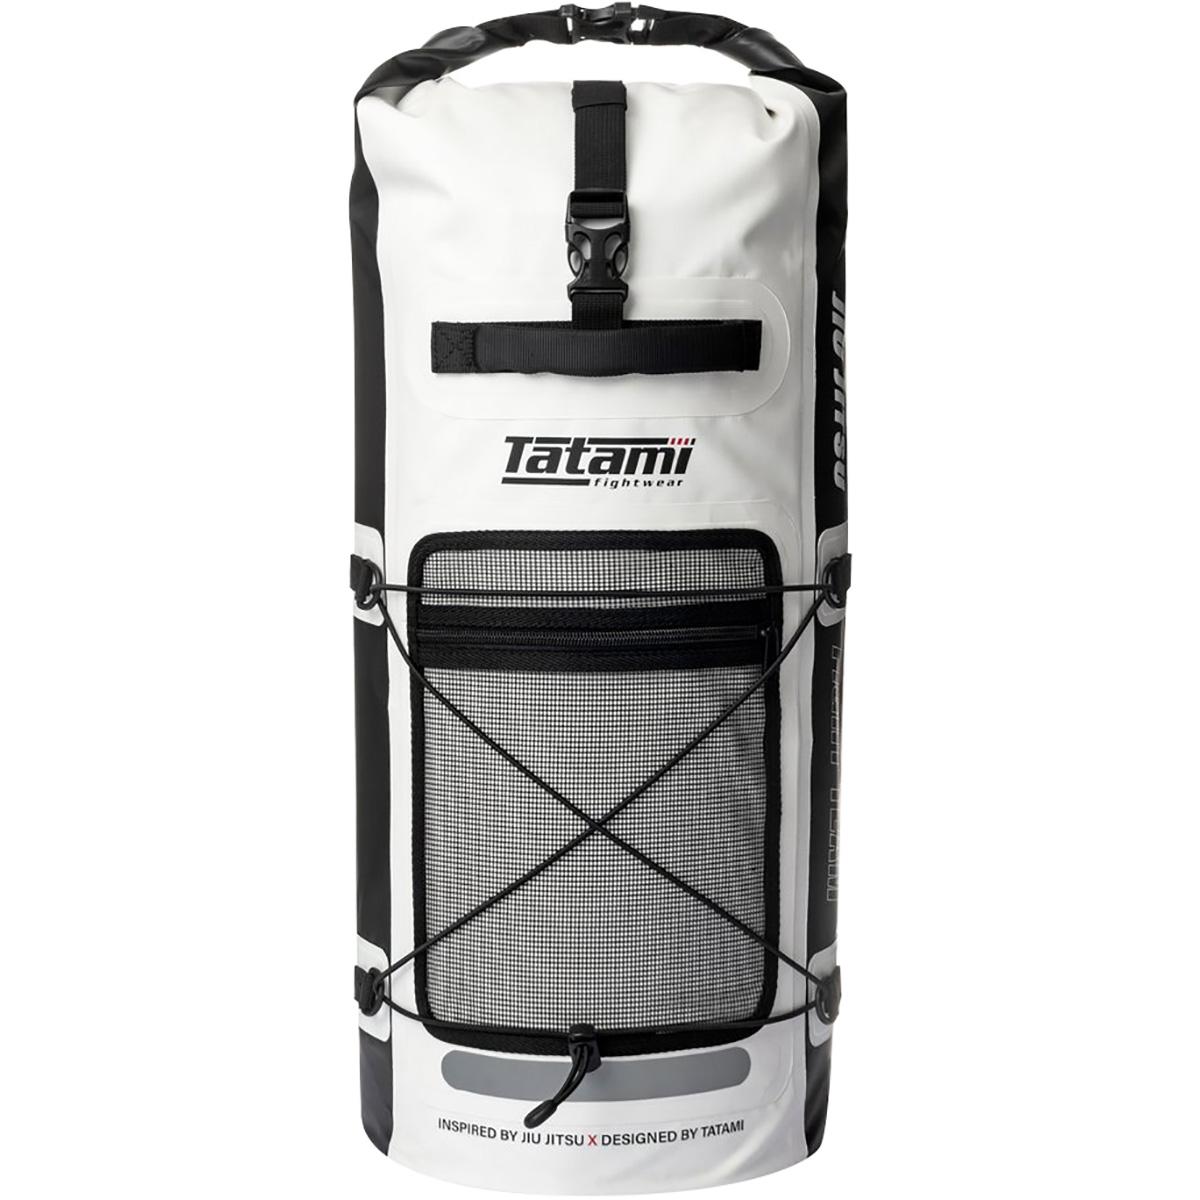 thumbnail 11 - Tatami-Fightwear-30L-Dry-Tech-Gear-Bag